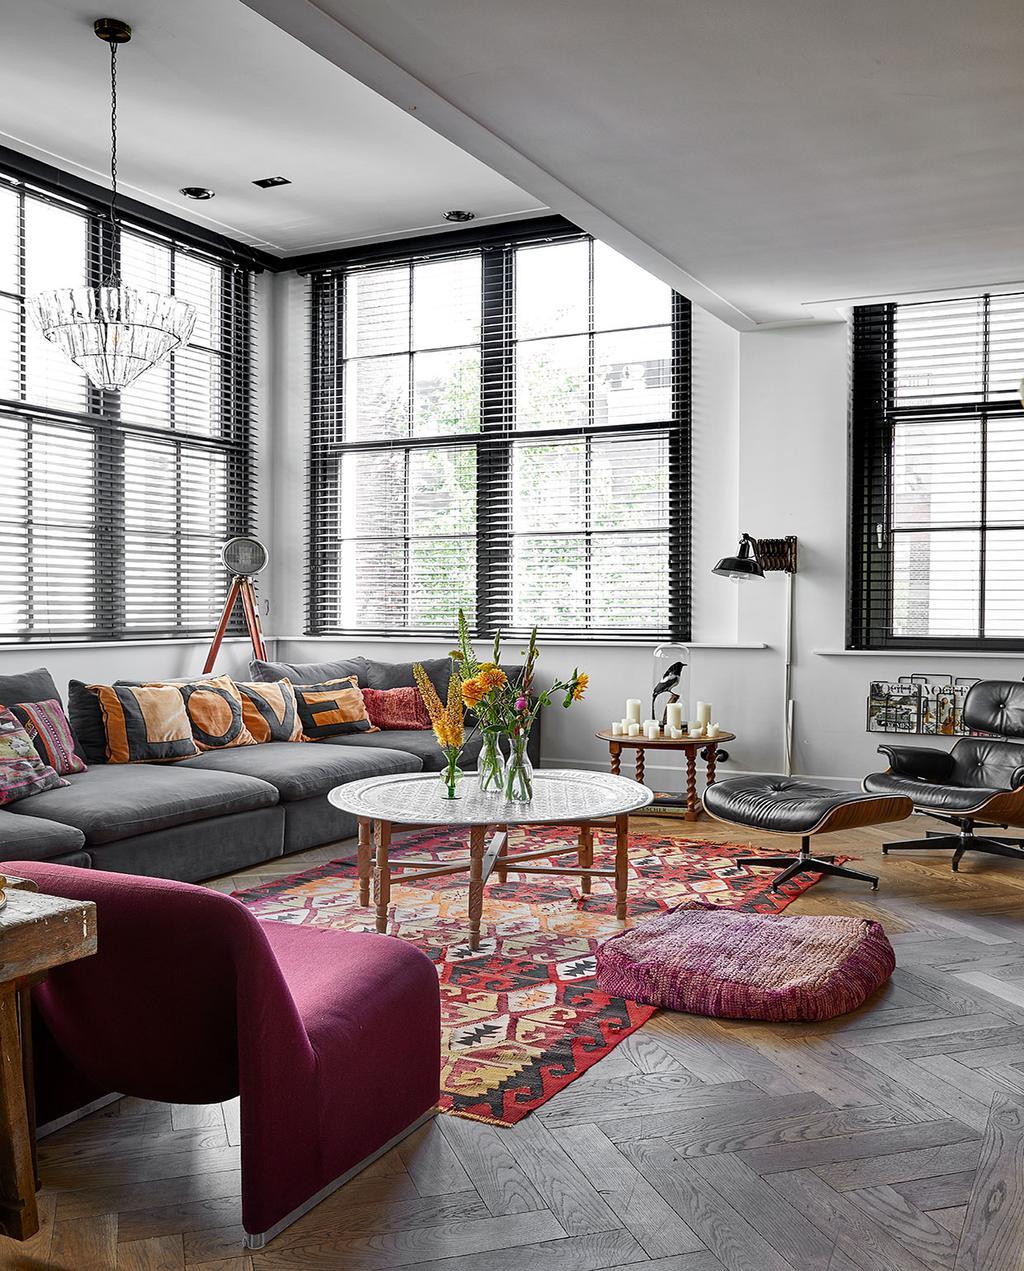 vtwonen 02-2021 | binnenkijken bij Martine, de woonkamer met een grijze bank en vloerkleed